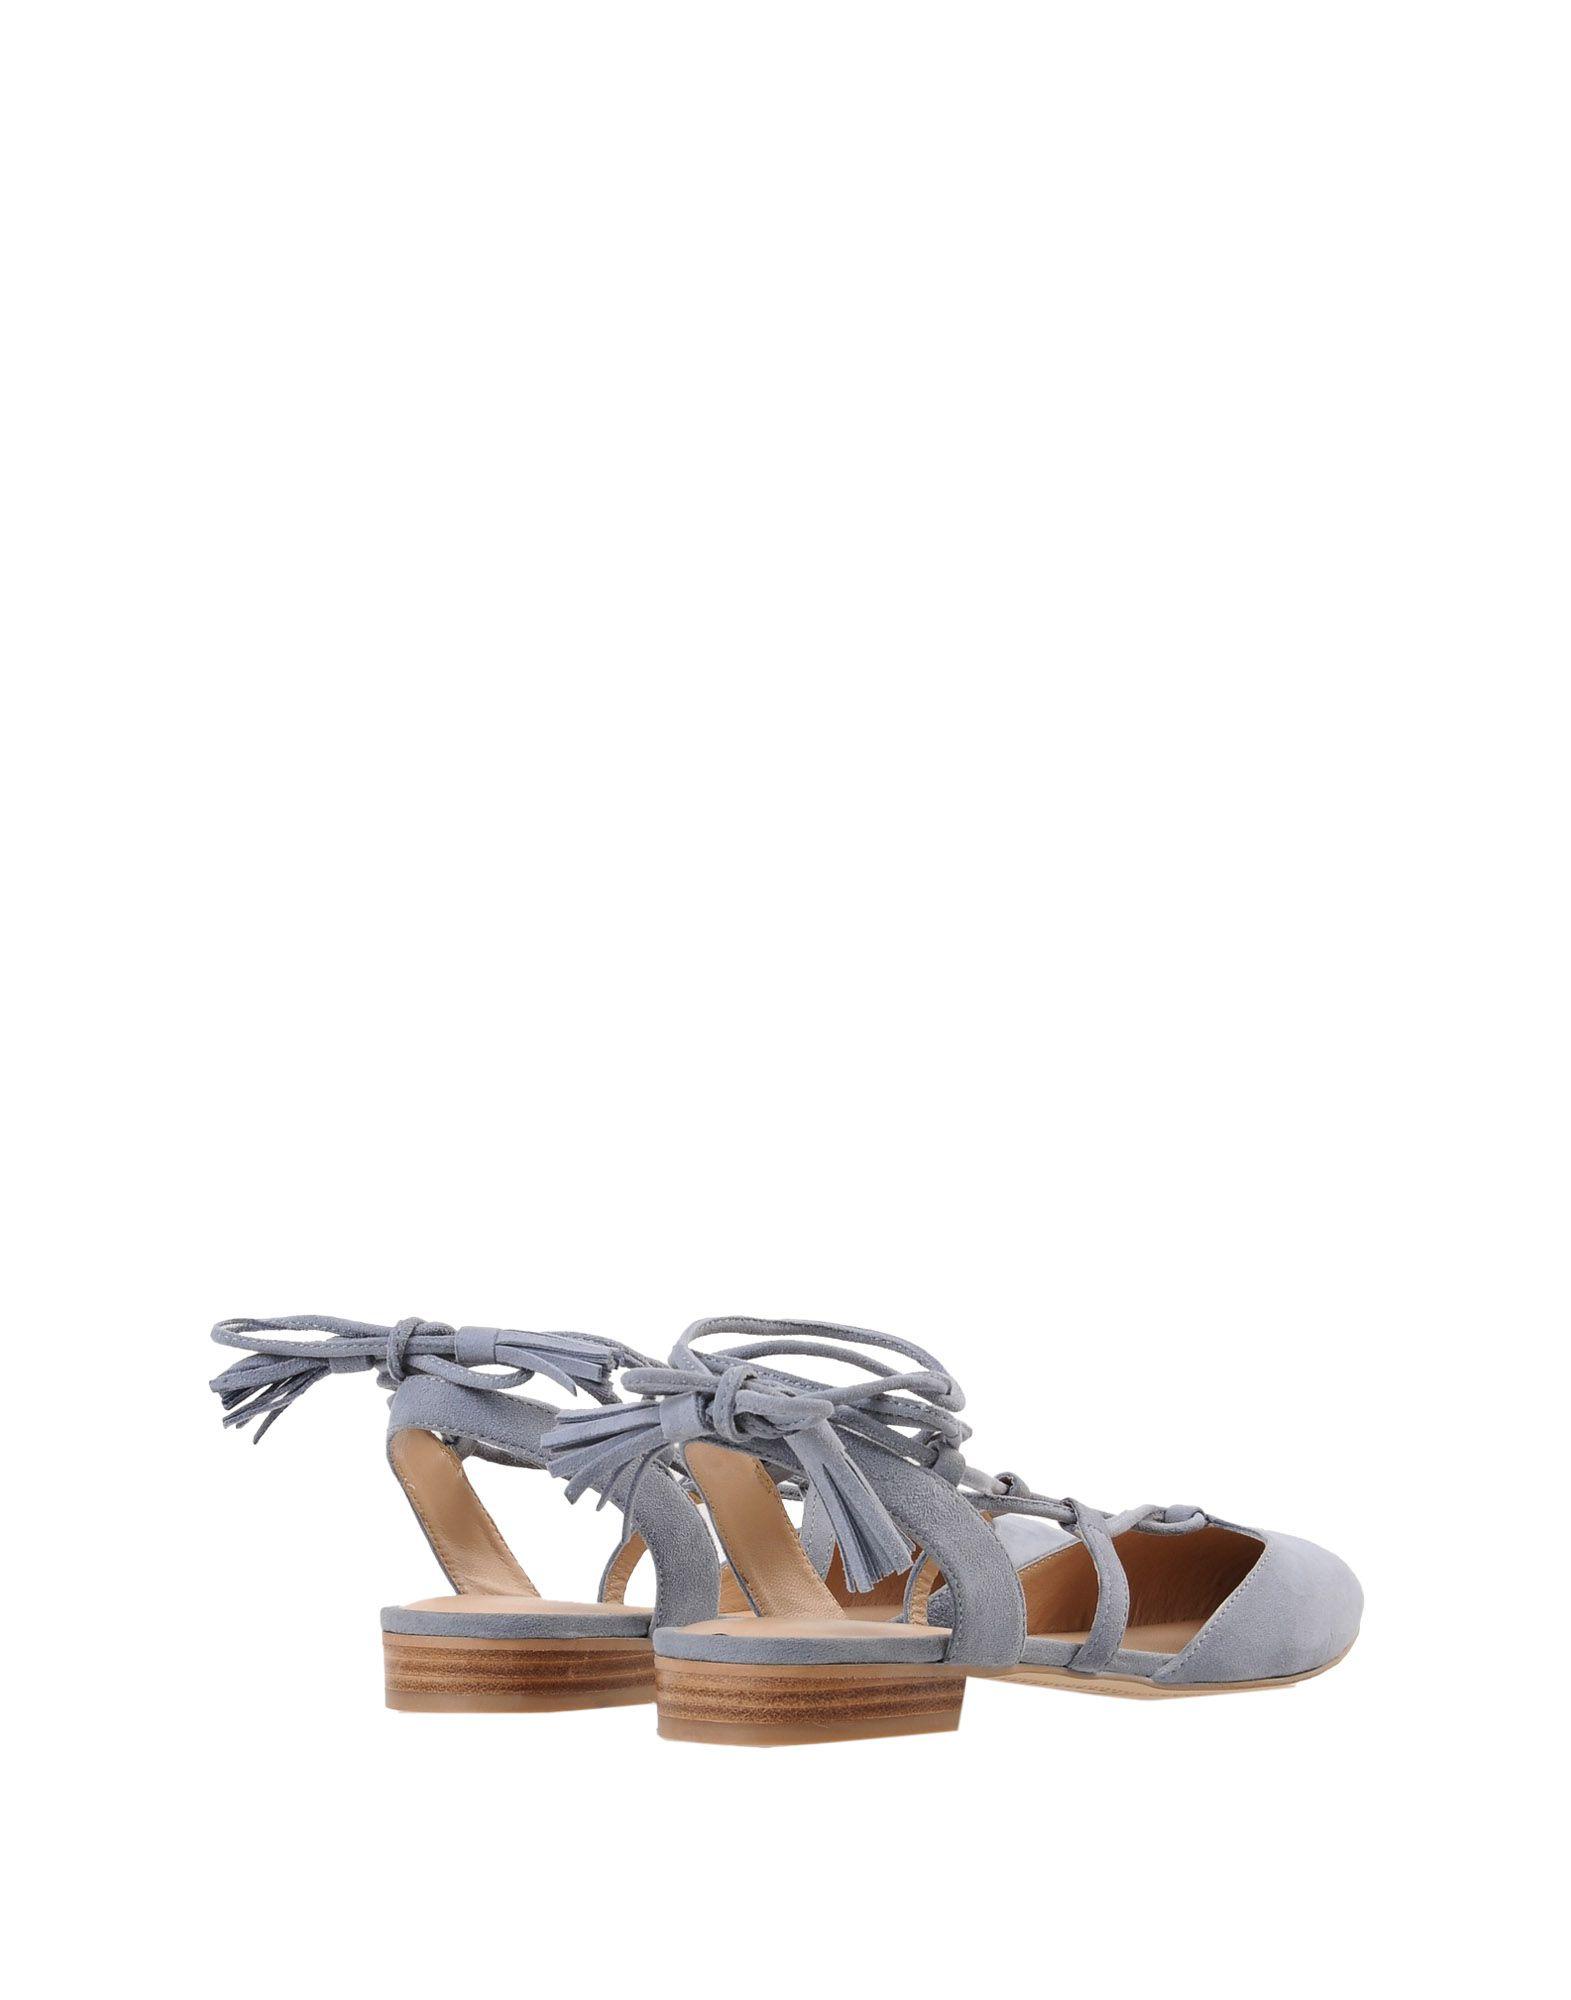 Bruno Premi Ballerinas Damen  11464047TK Gute Qualität beliebte Schuhe